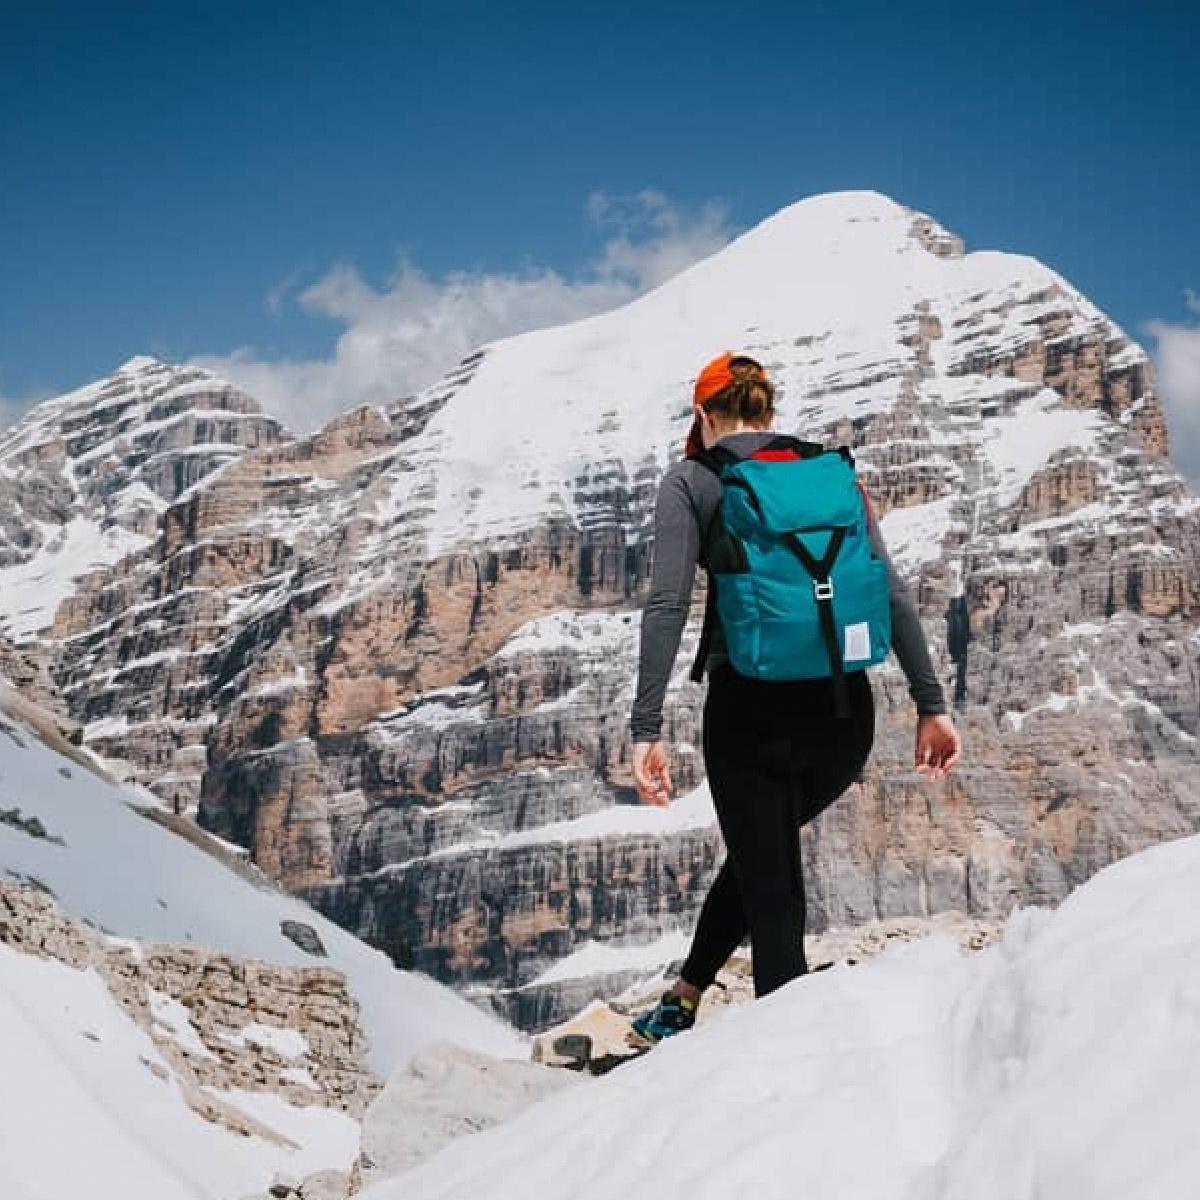 Topo Designs Y-Pack Turquoise, heerlijke dagrugzak die tijdens een wandeling in stad of berglandschap niet zal teleurstellen